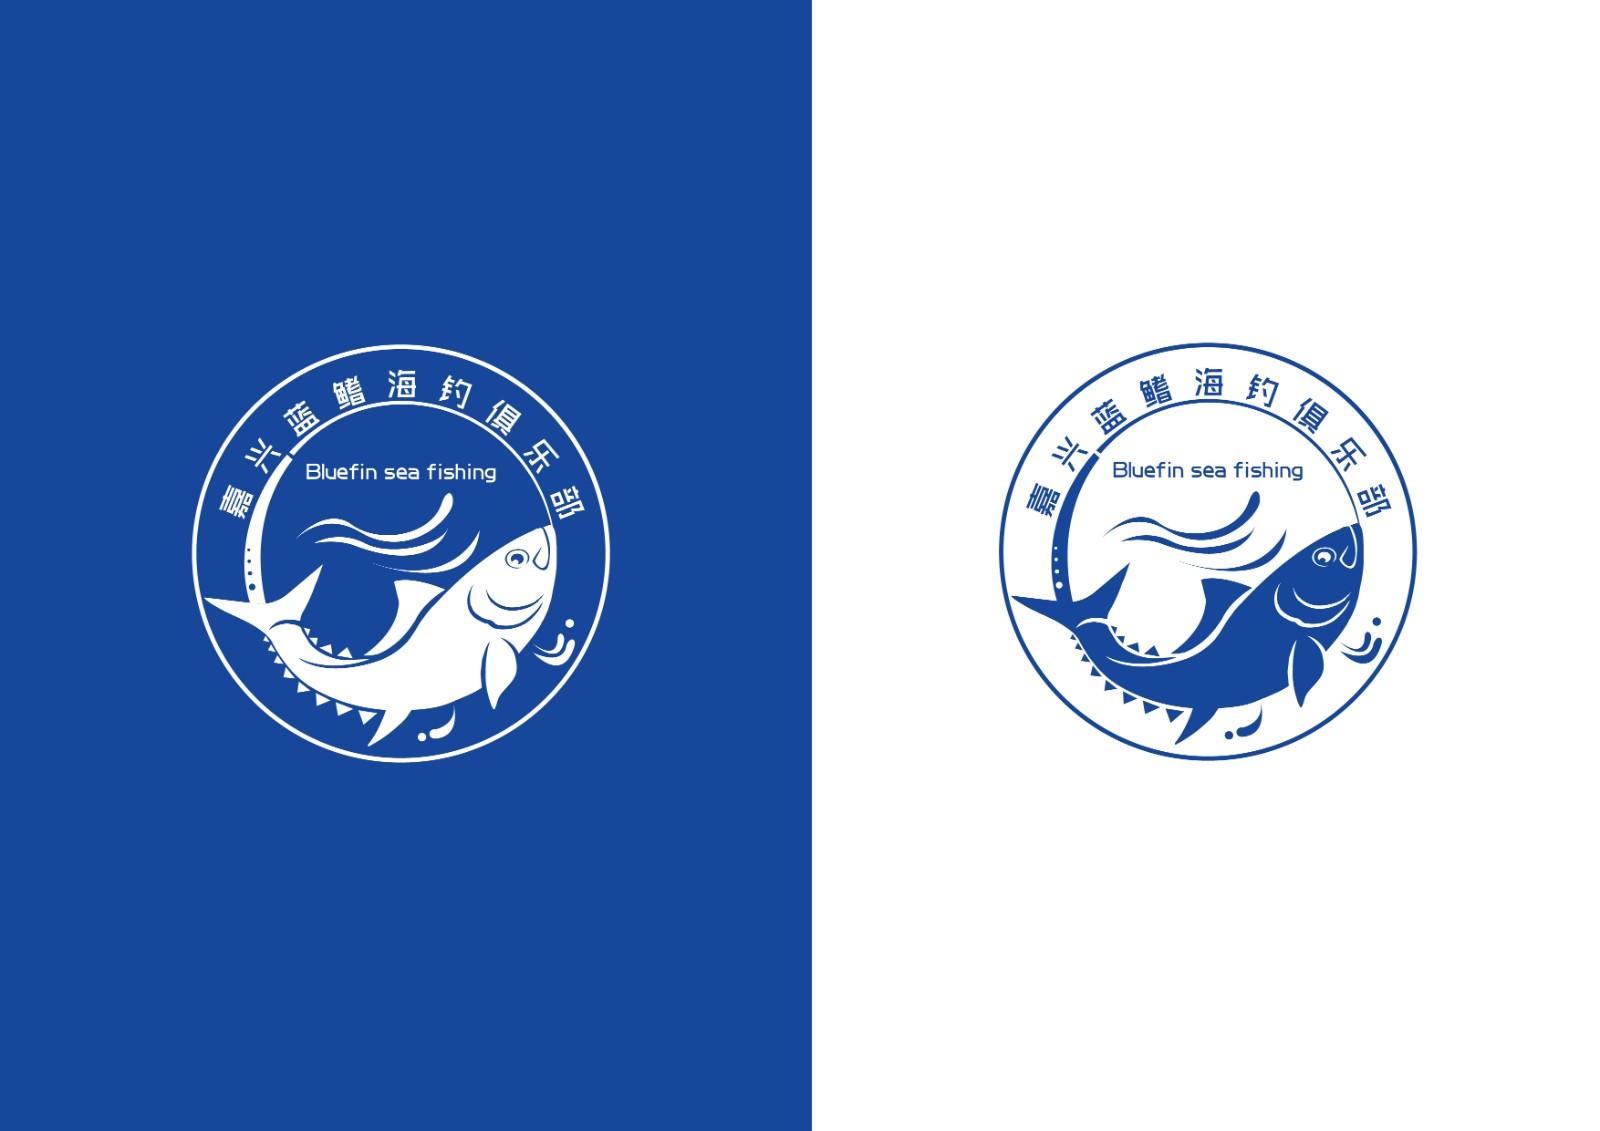 嘉兴蓝鳍海钓俱乐部logo设计